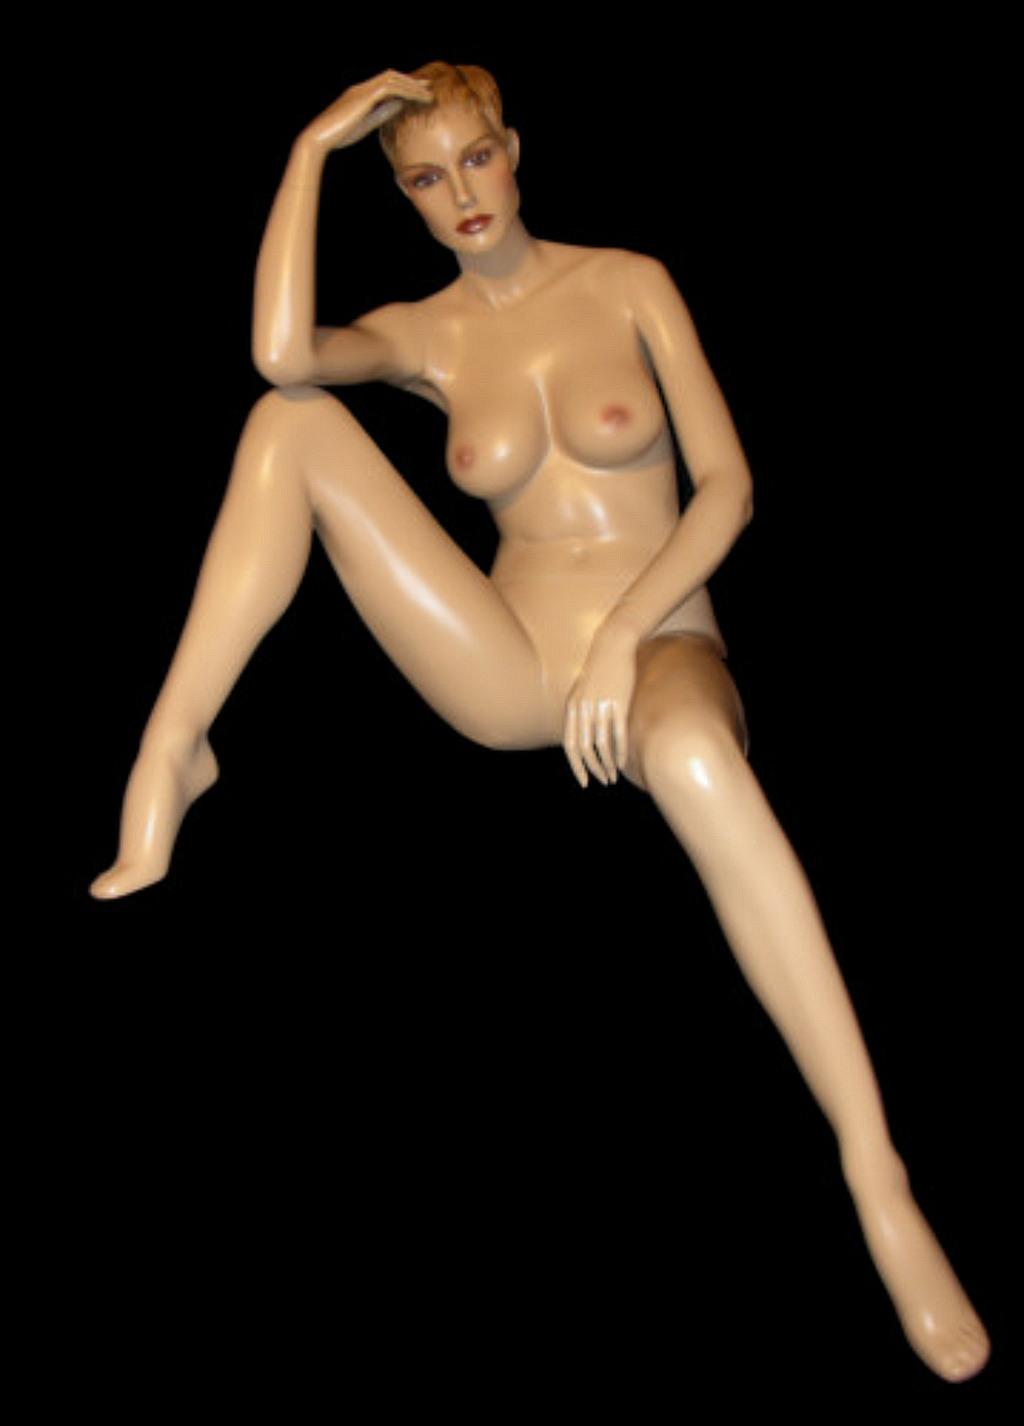 Секс с манекенами 9 фотография